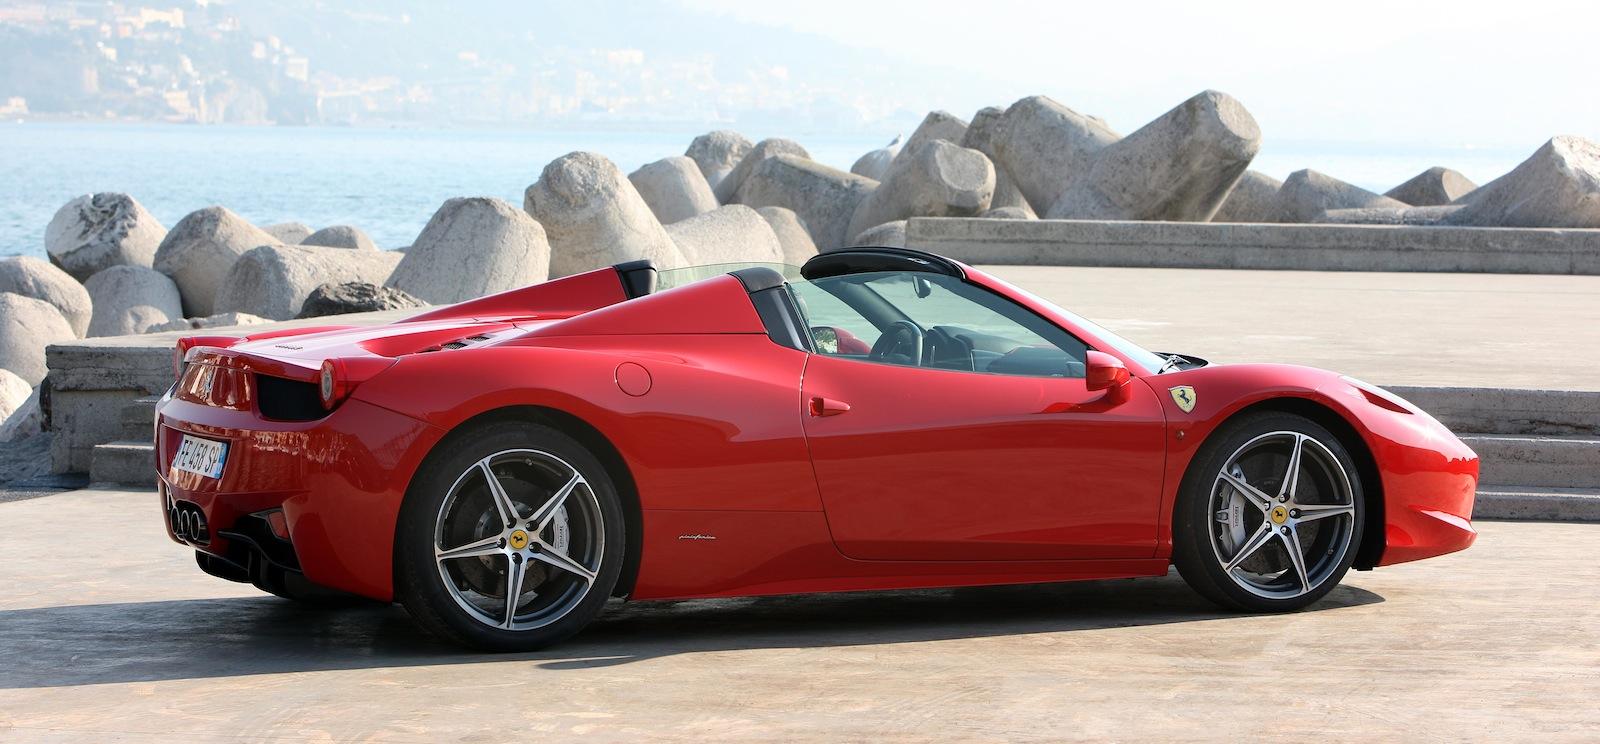 2017 Ferrari 458 Price >> Ferrari 458 Spider Review | CarAdvice